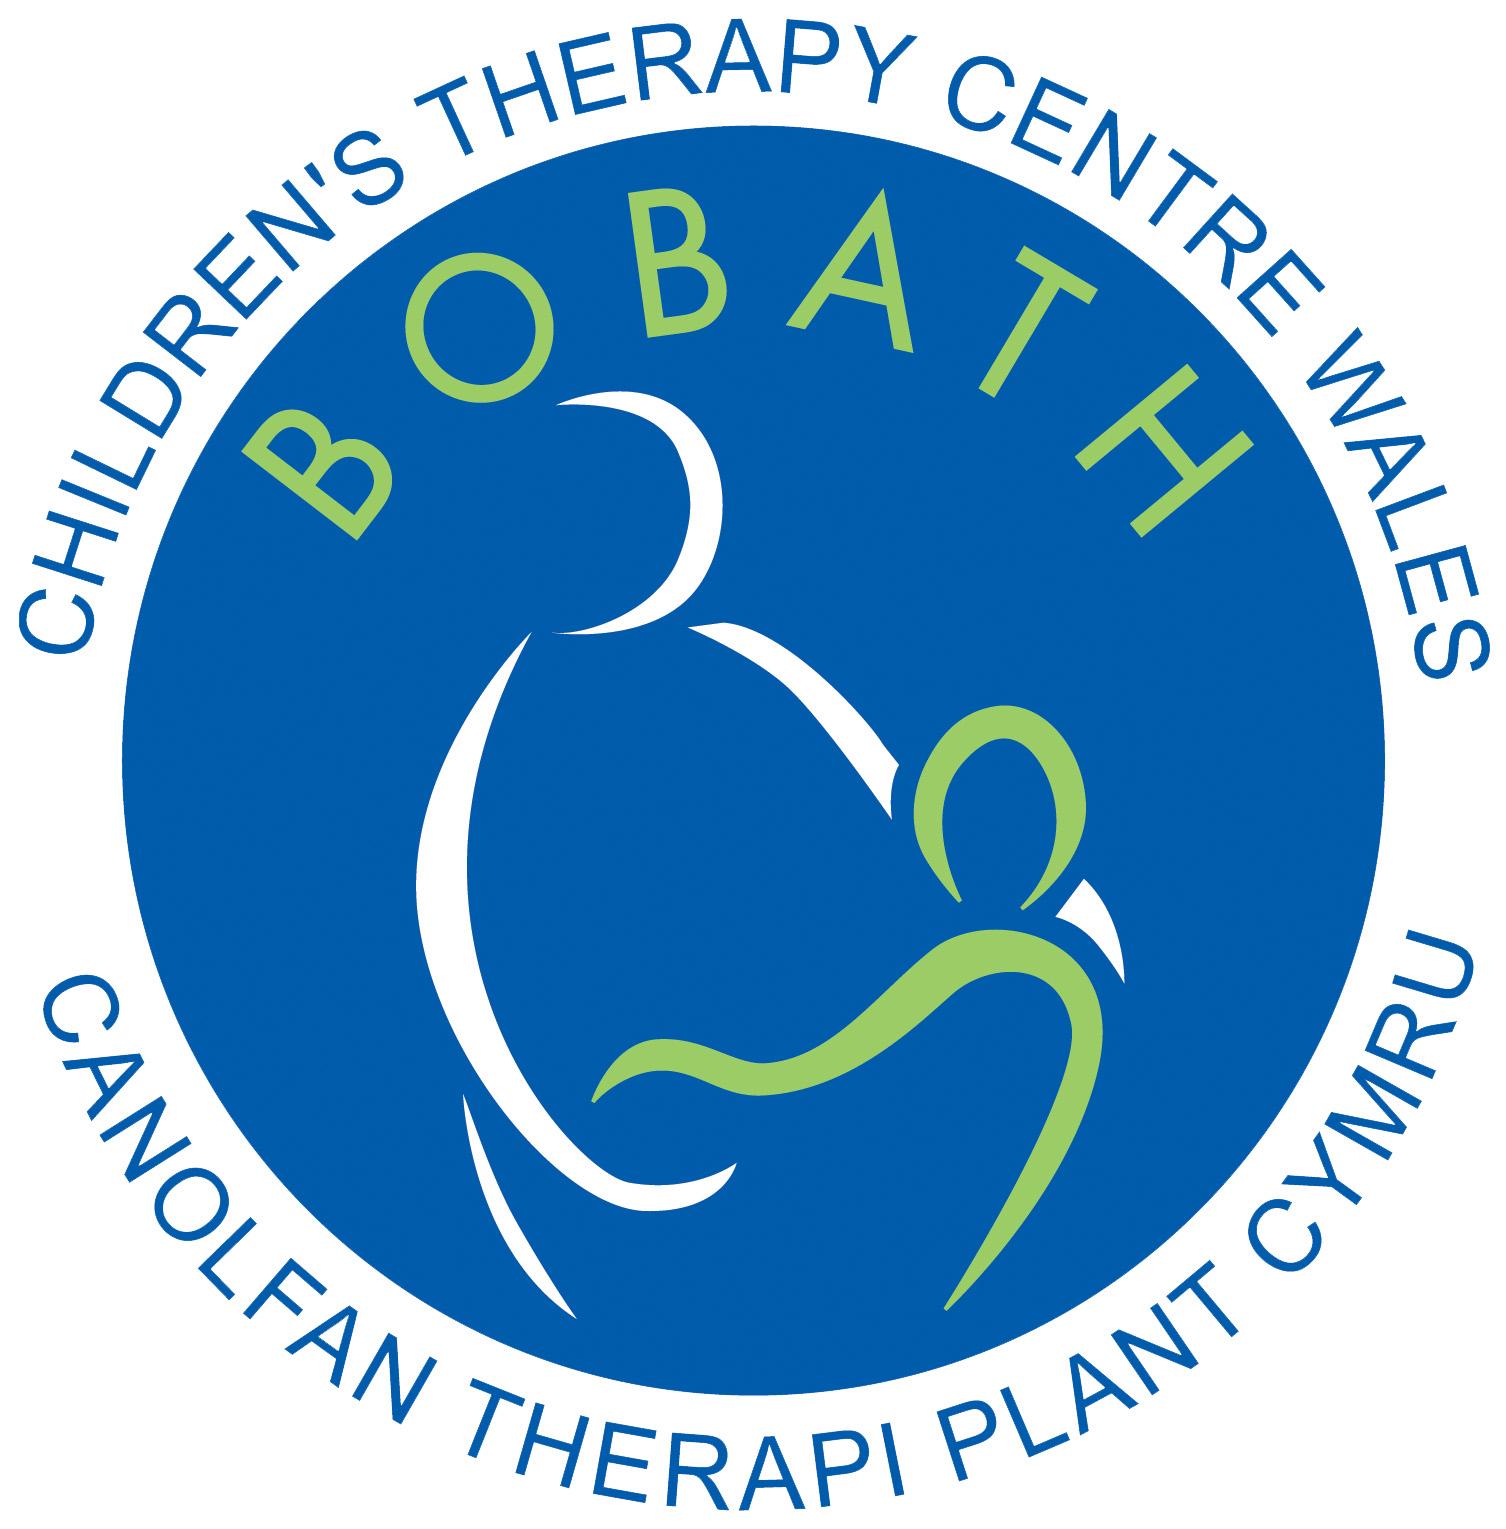 Bobath Wales logo